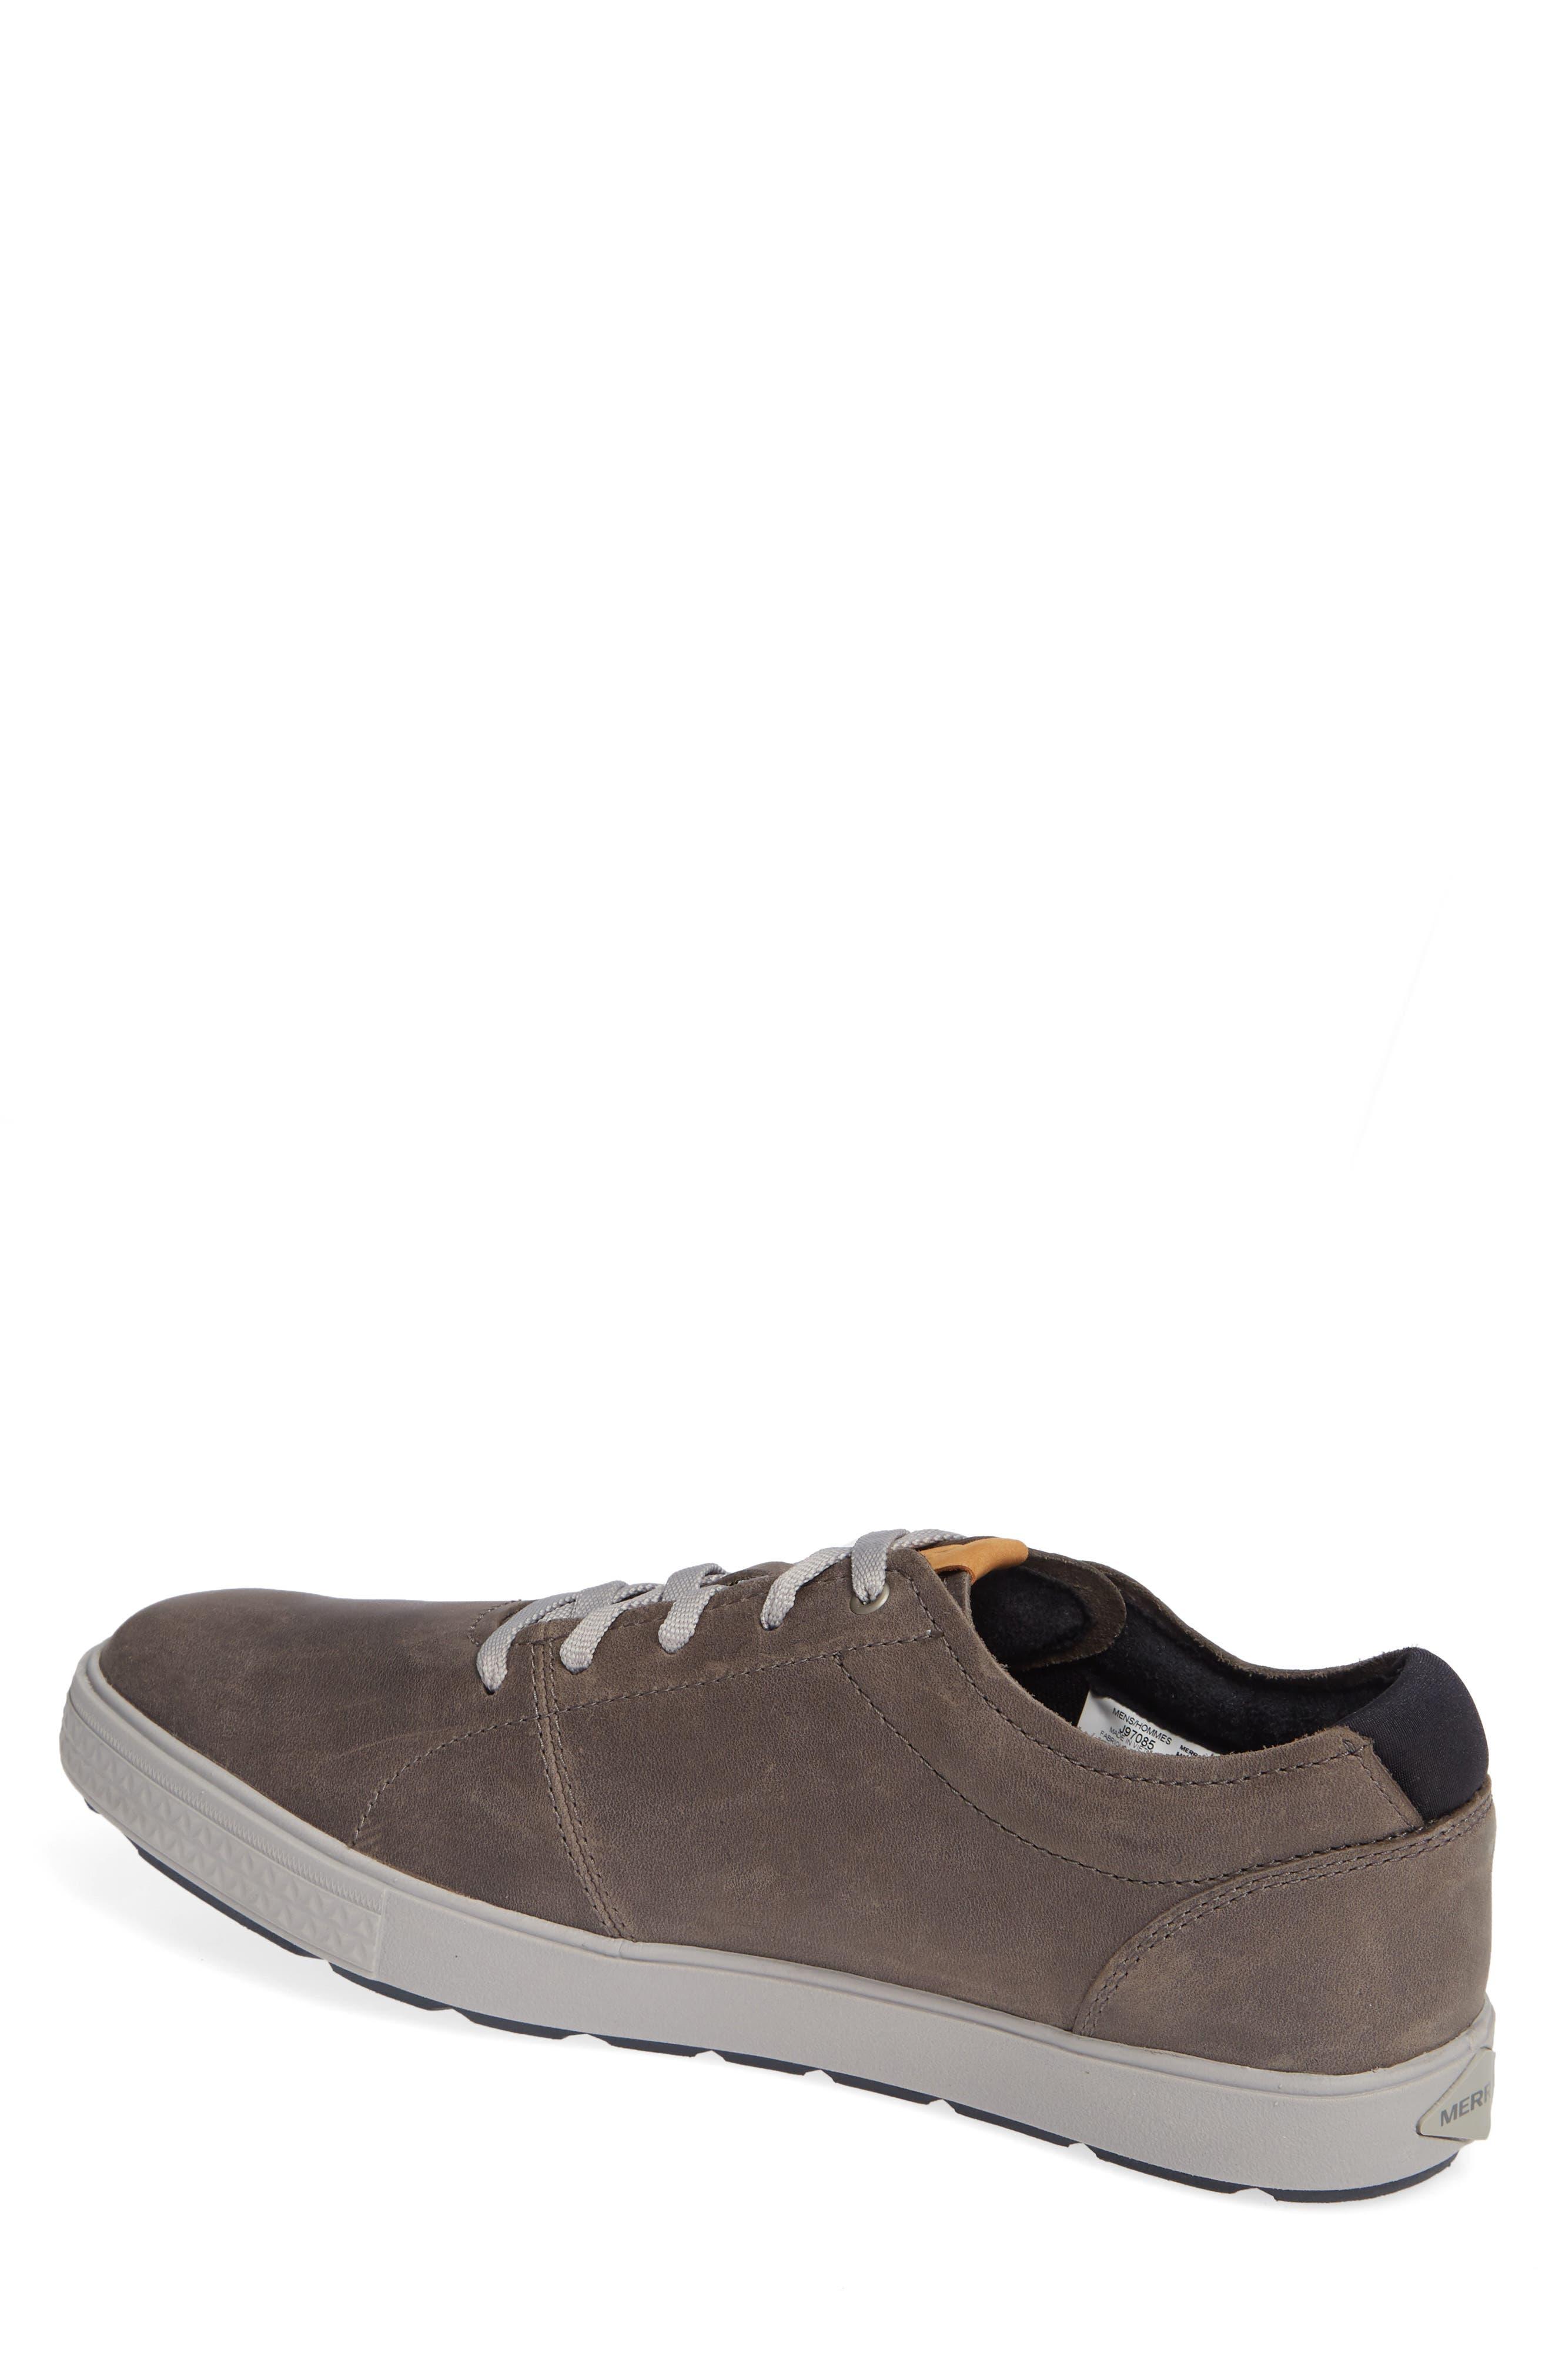 MERRELL, Barkley Sneaker, Alternate thumbnail 2, color, CASTLE ROCK